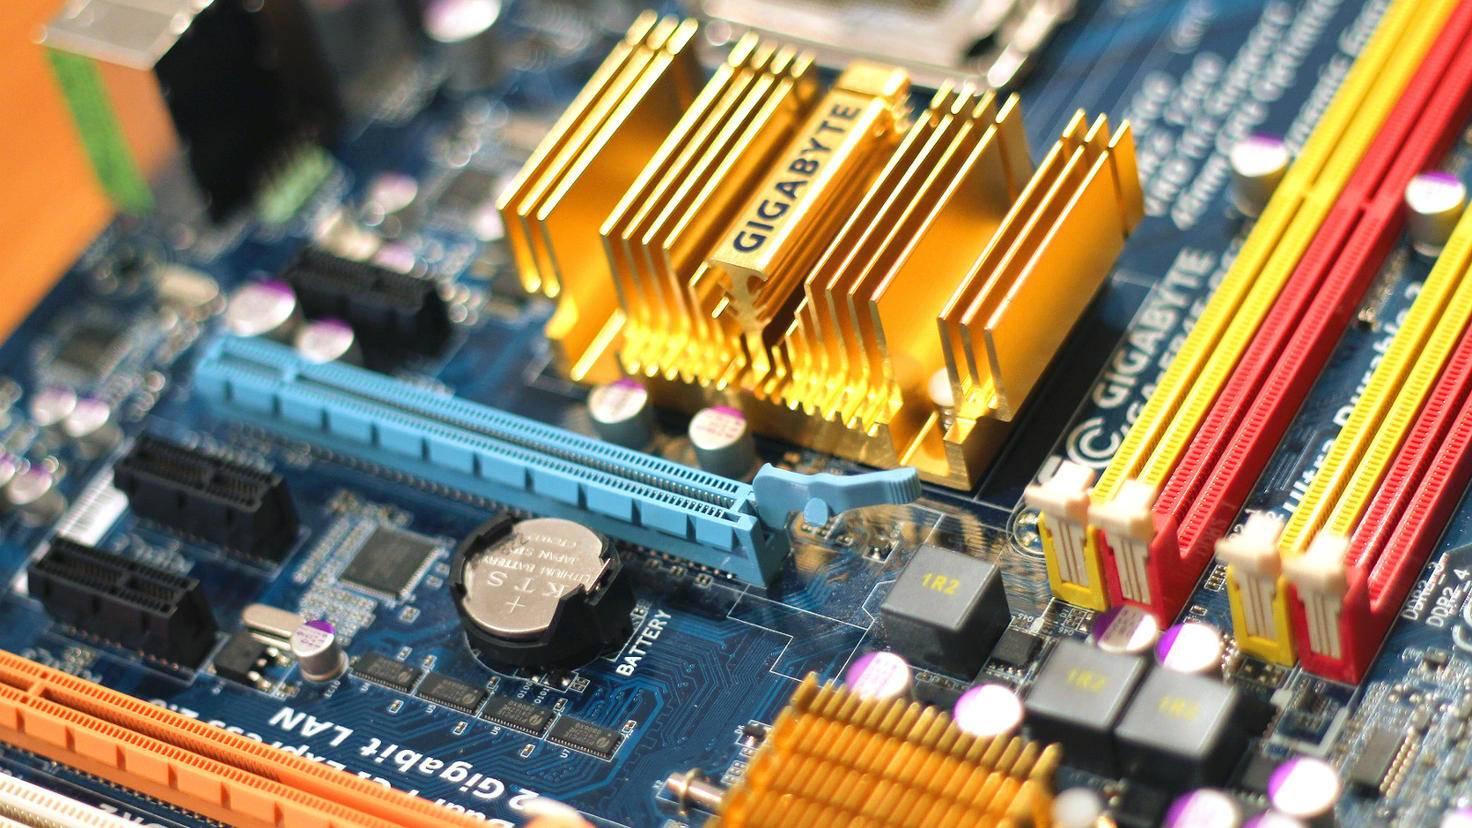 Mainboards gibt es in den unterschiedlichsten Ausführungen, aber eines haben alle gemeinsam: Sie sind das Herzstück eines PCs.